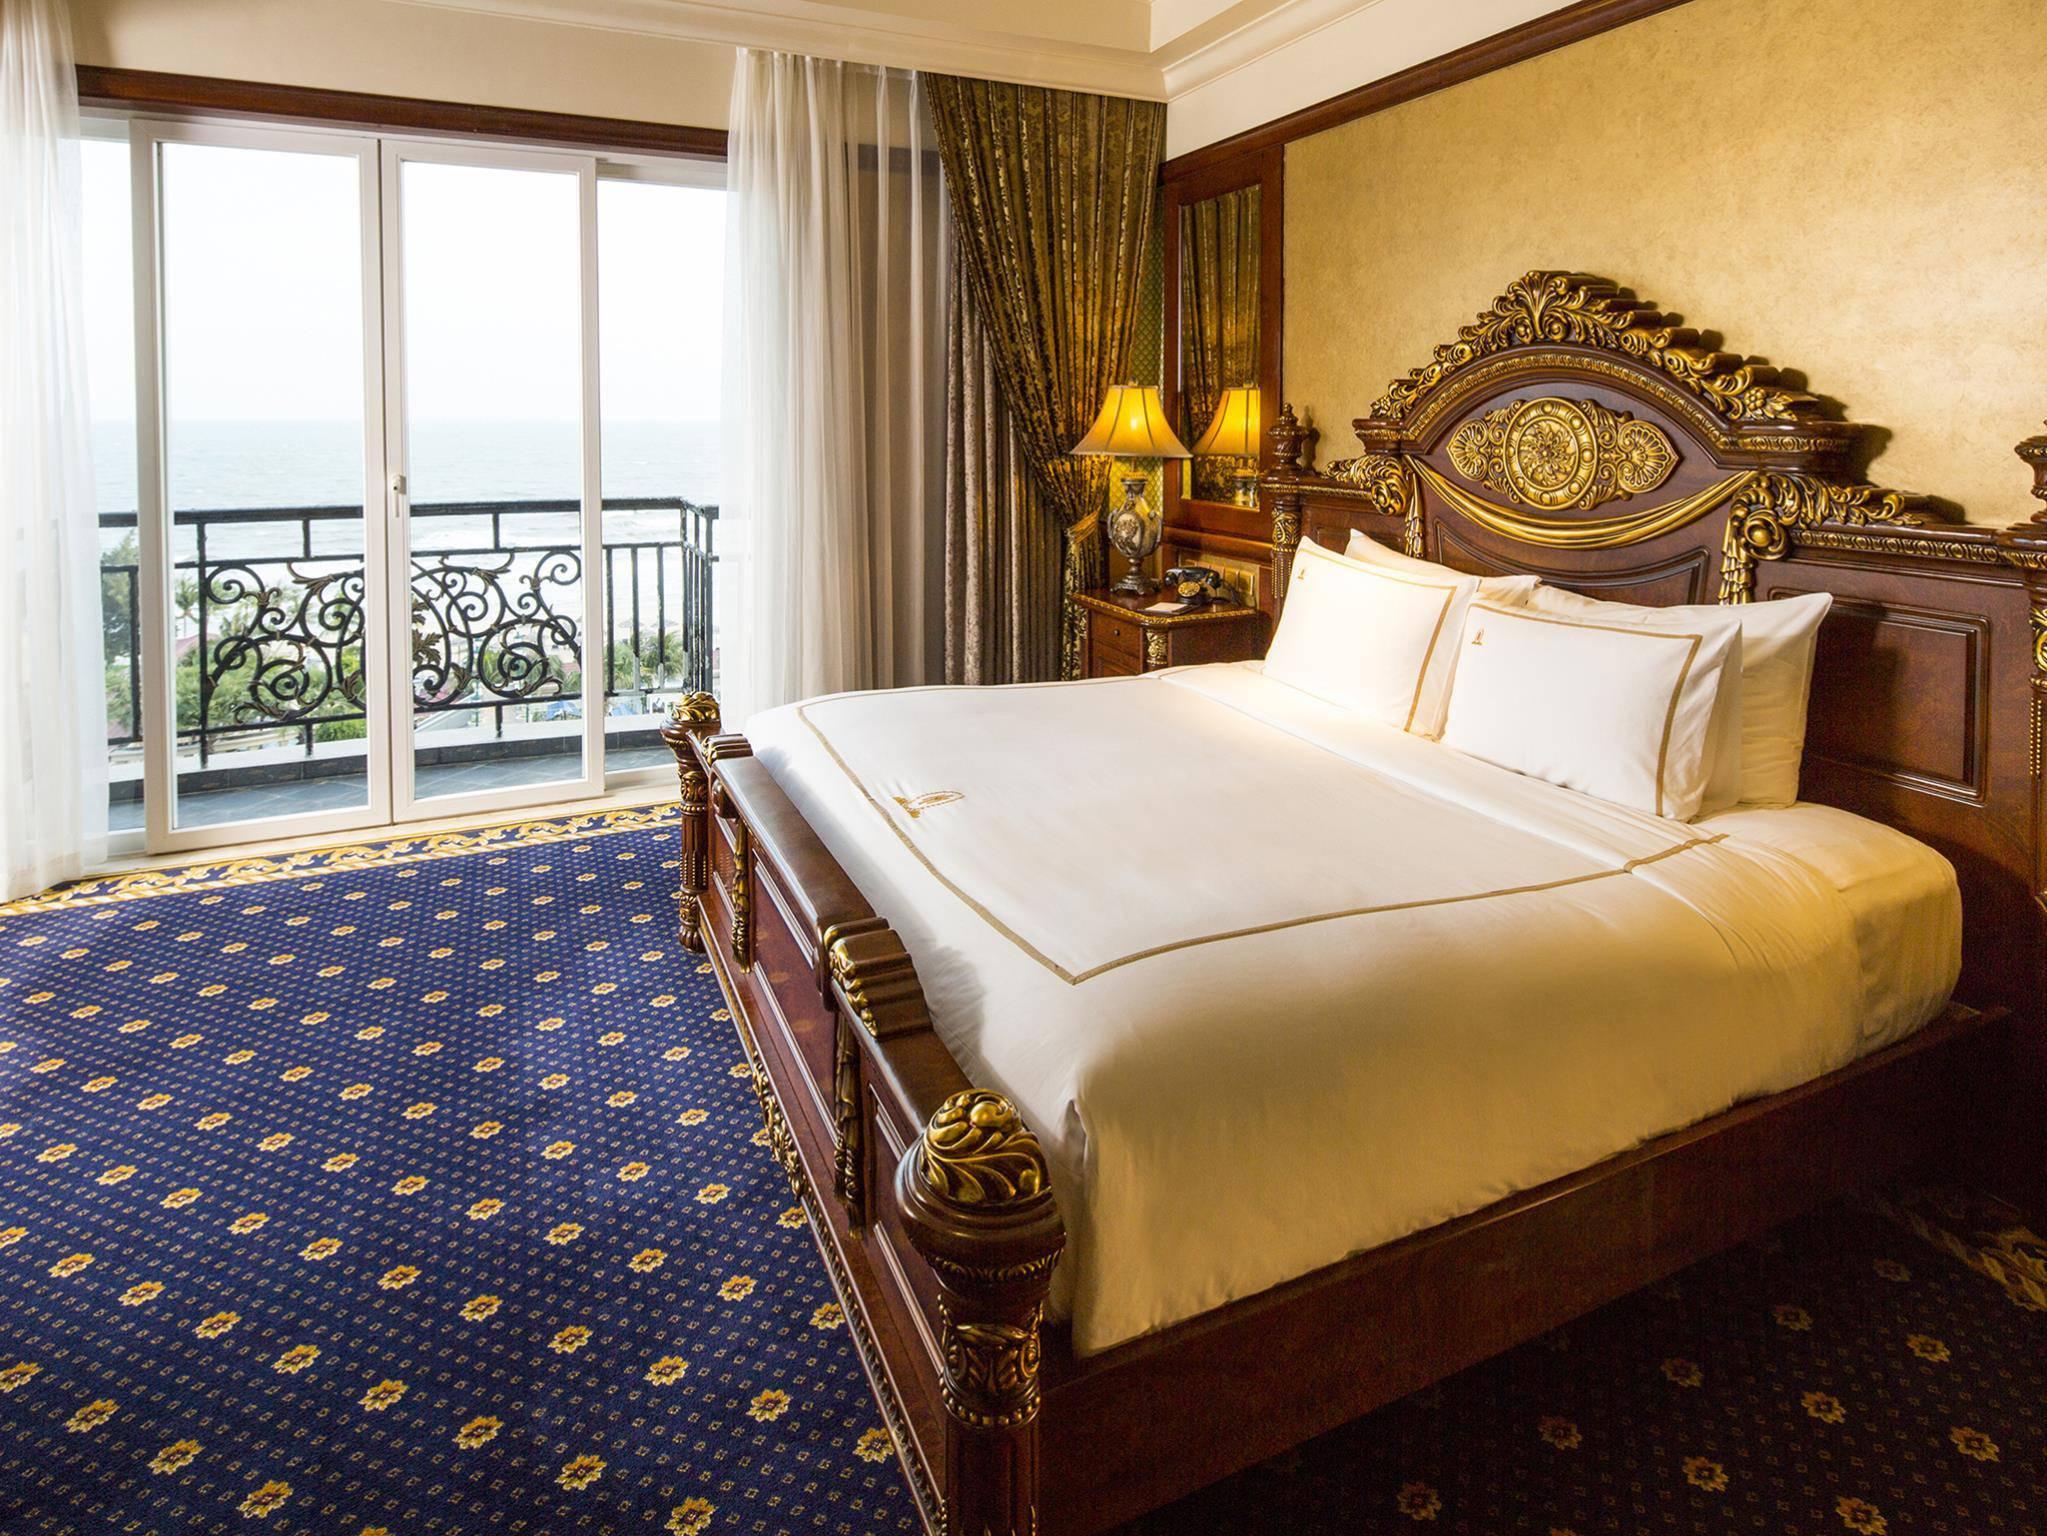 Khách sạn The Imperial Vũng Tàu có phòng nghỉ cực kỳ sang trọng